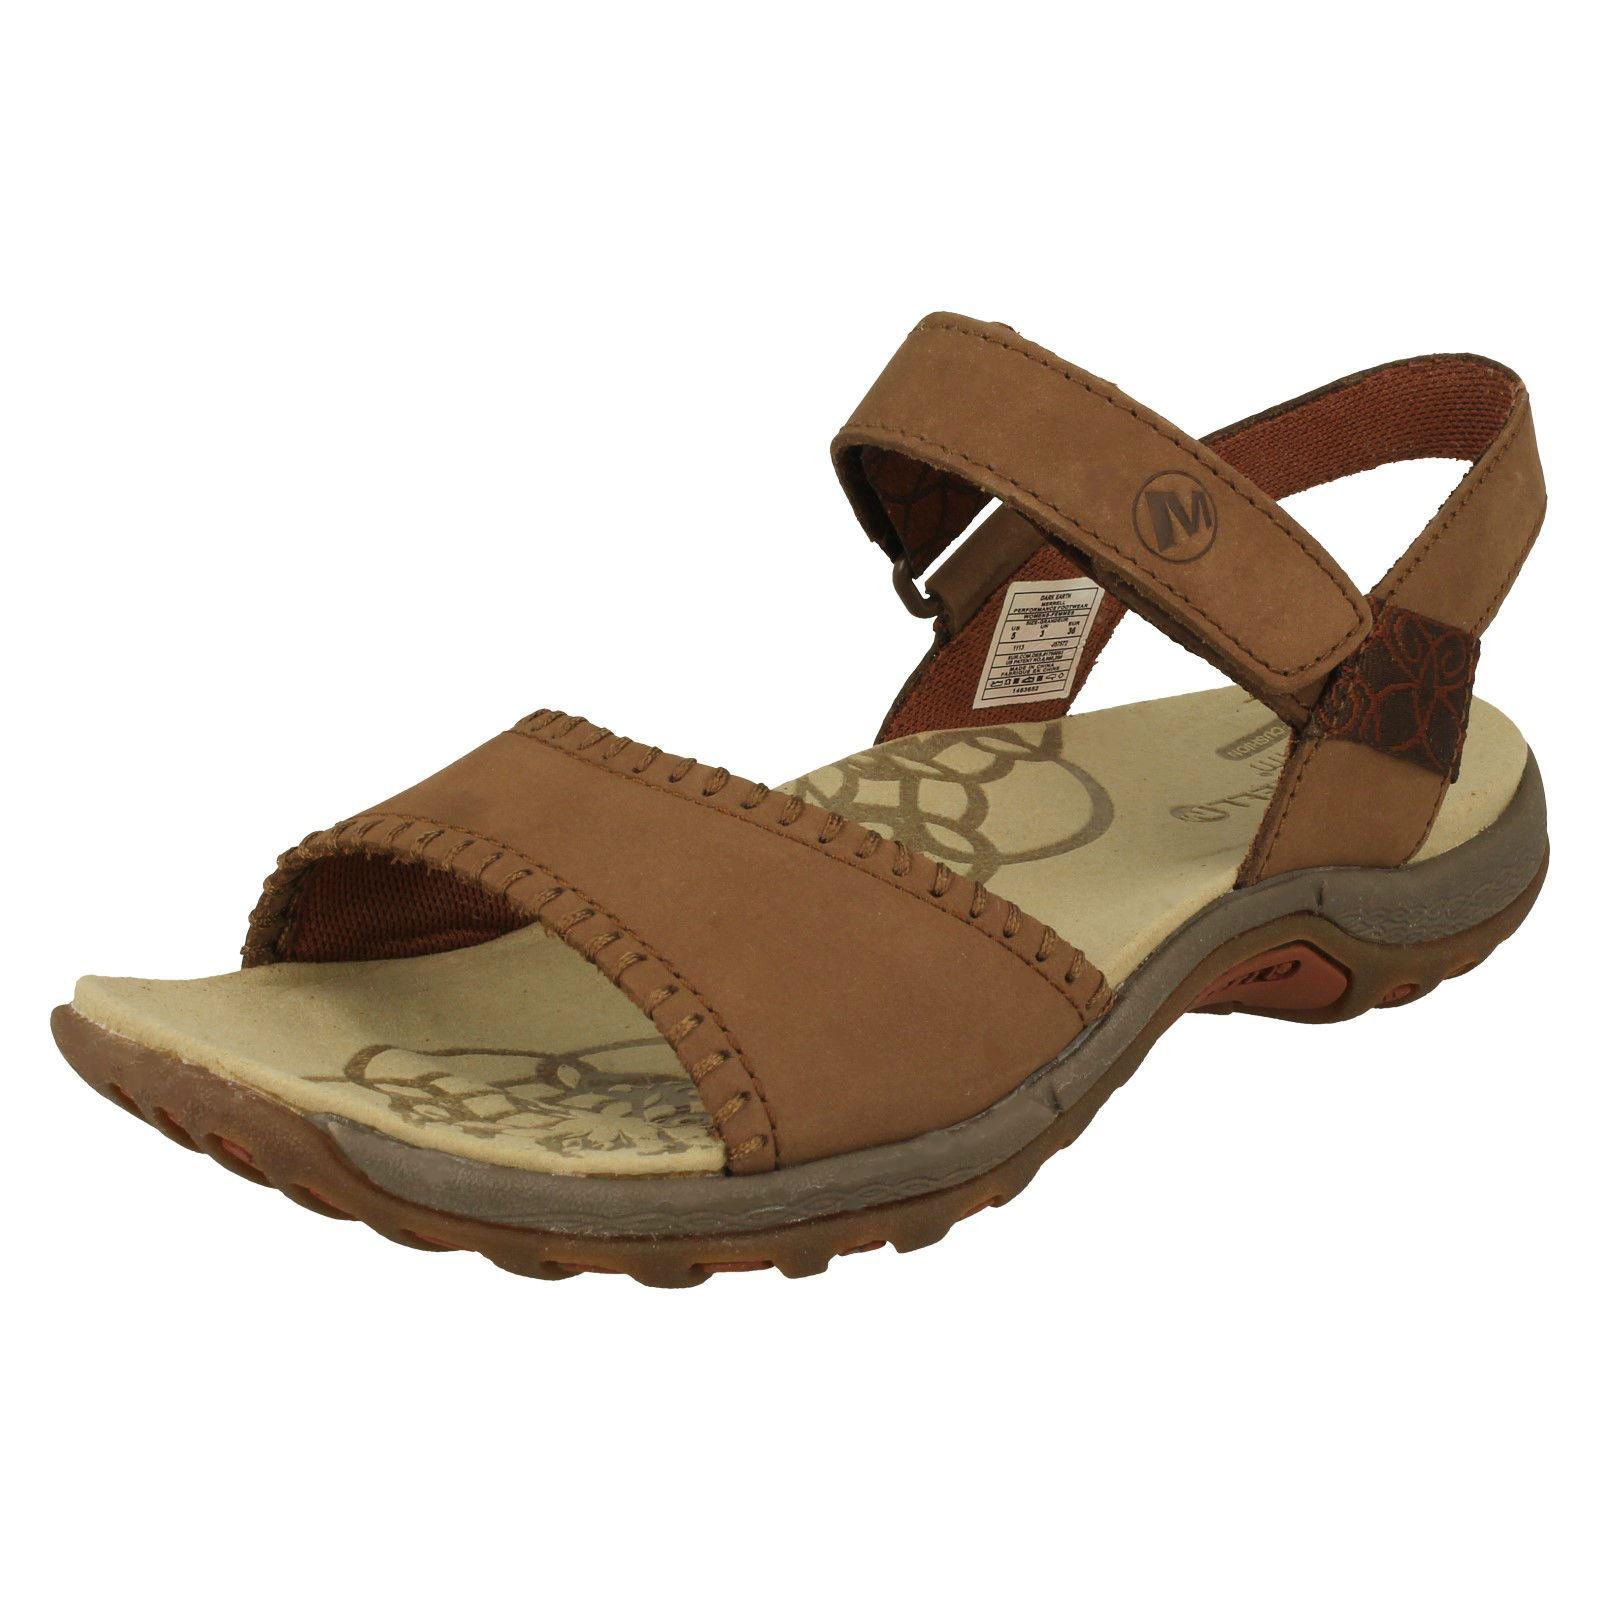 Ladies Merrell Strappy Summer Sandals